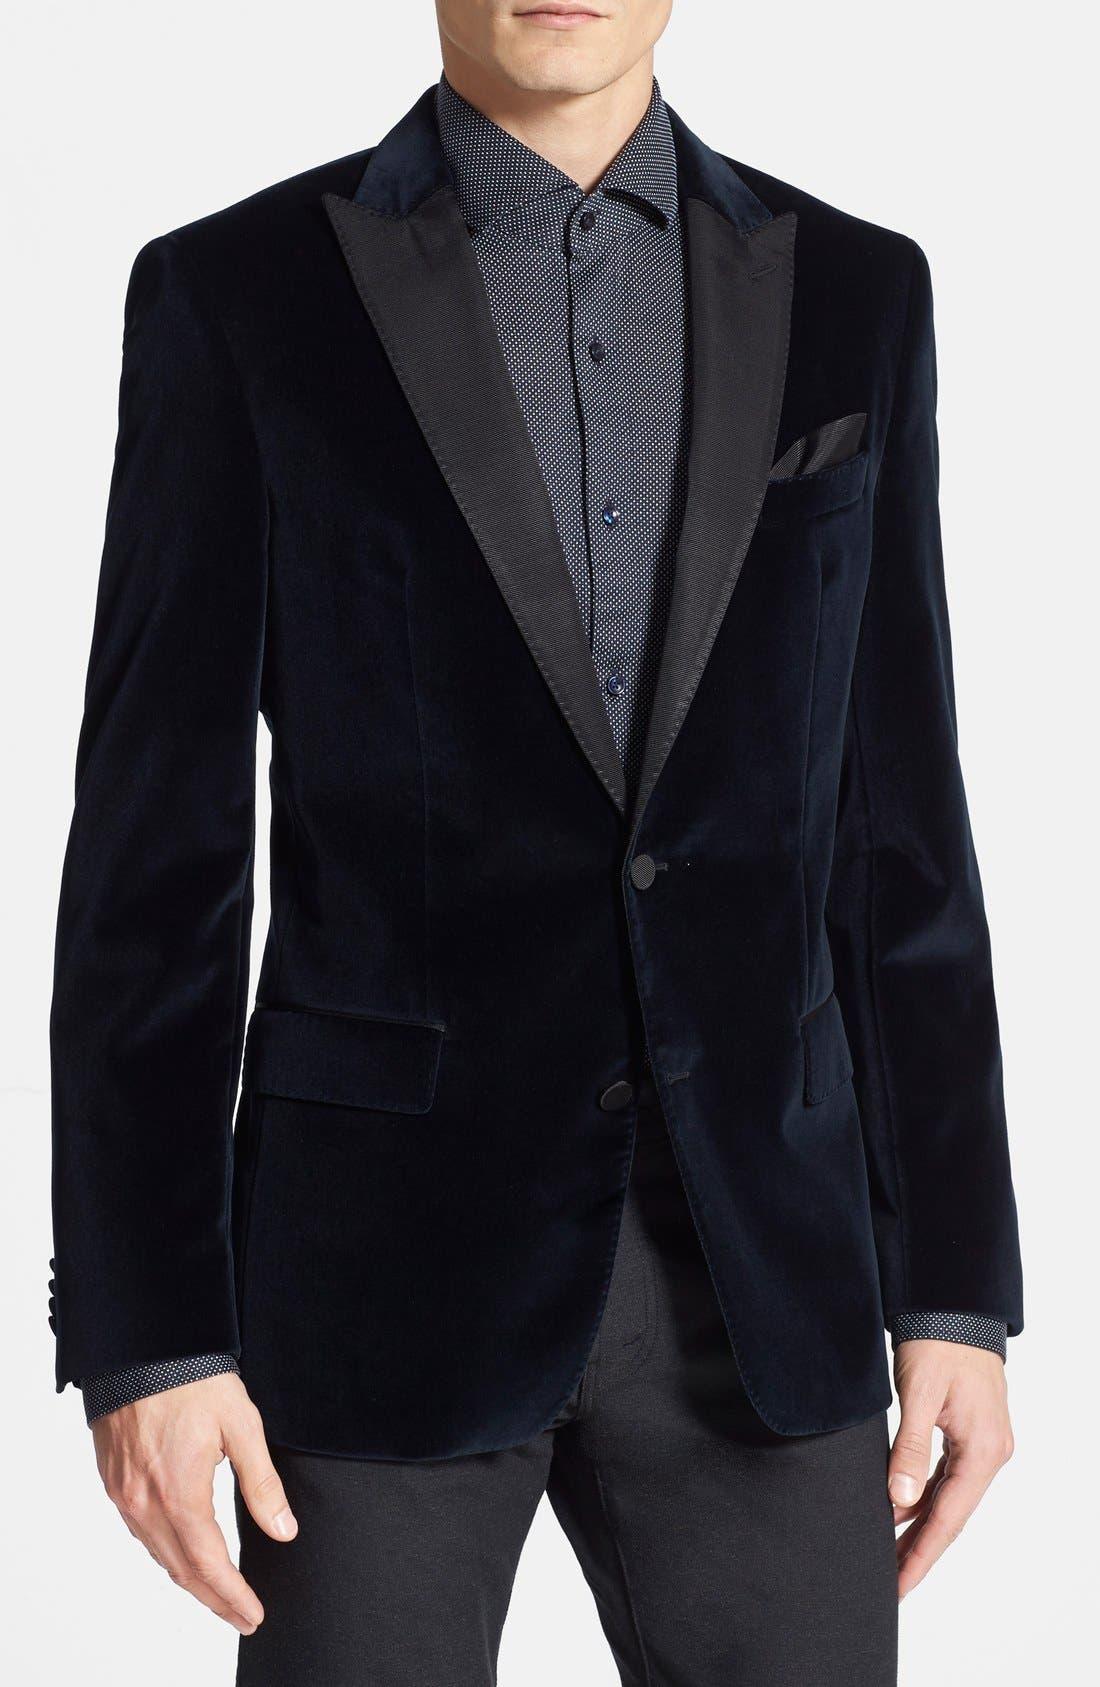 boss hugo boss \u0027hayford\u0027 trim fit velvet dinner jacket1418460 Hugo Boss Tuxedo Shirt Nordstrom #9